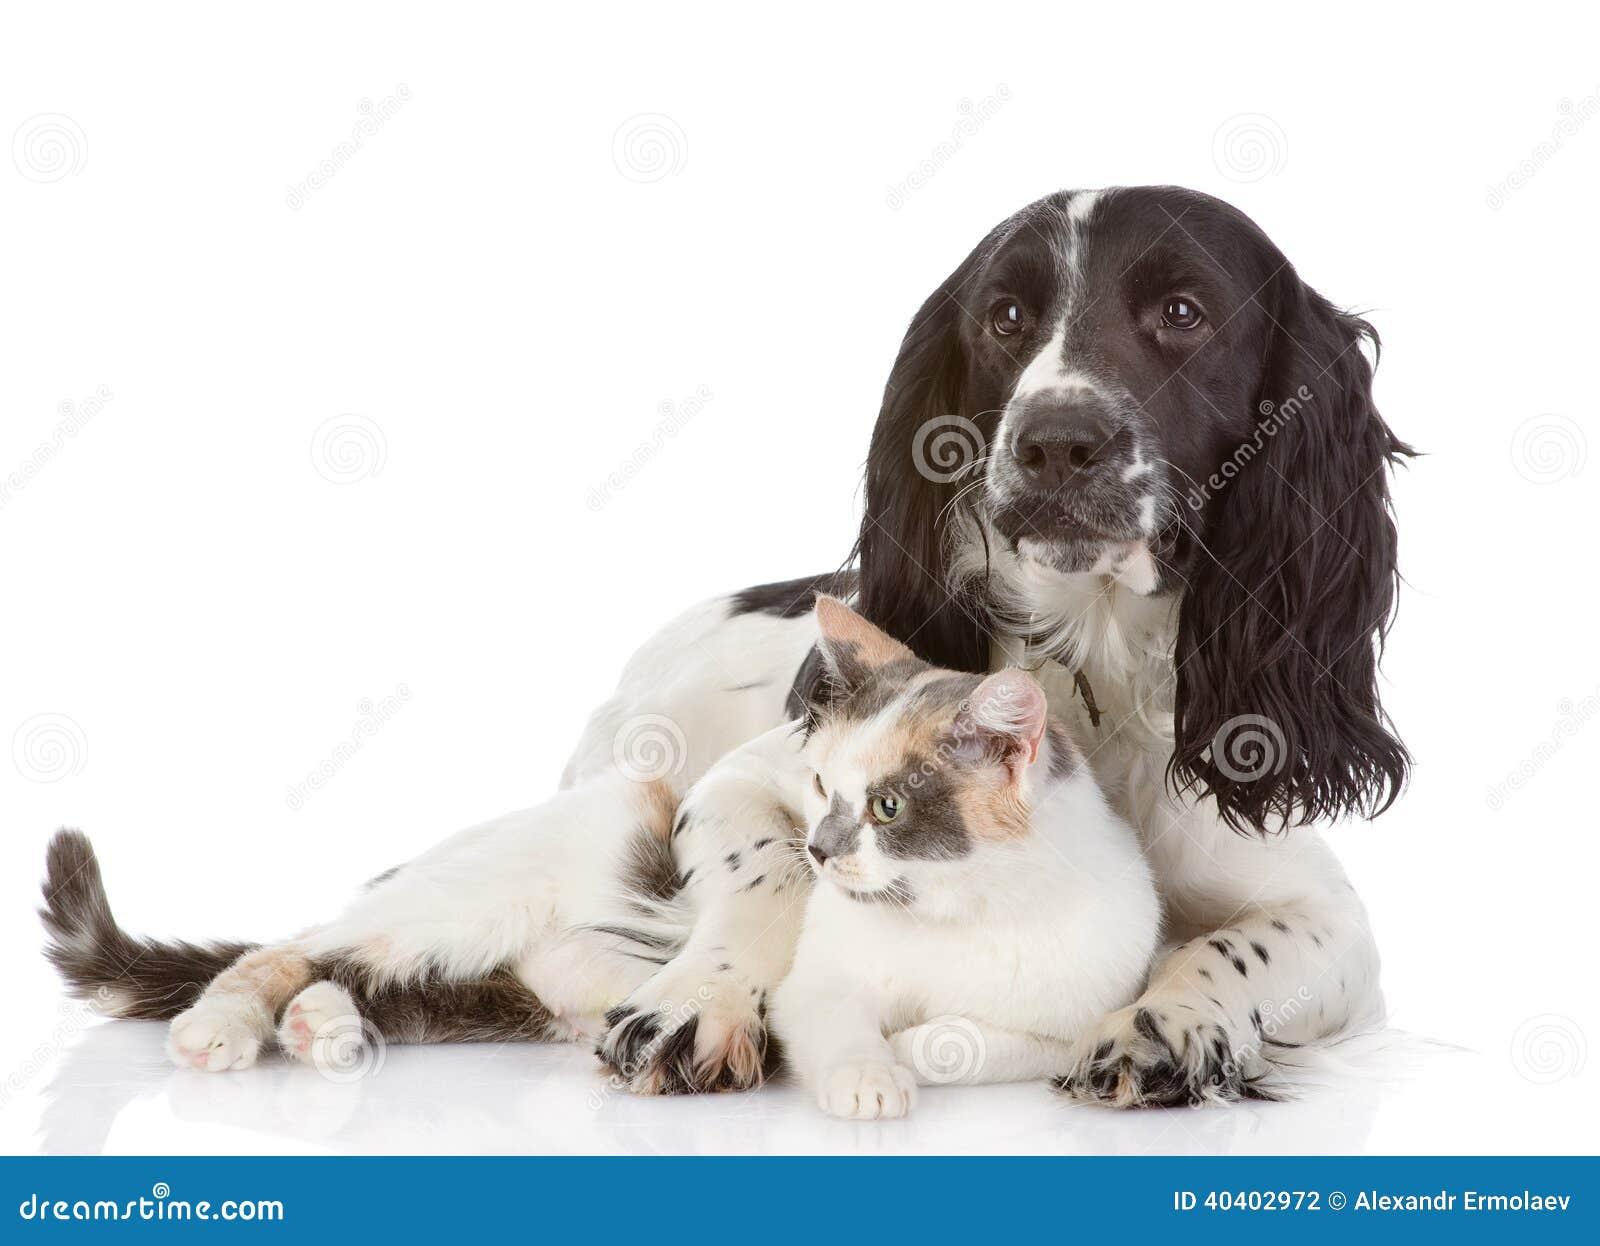 Englisch-Cocker spaniel-Hund und -katze liegen zusammen.